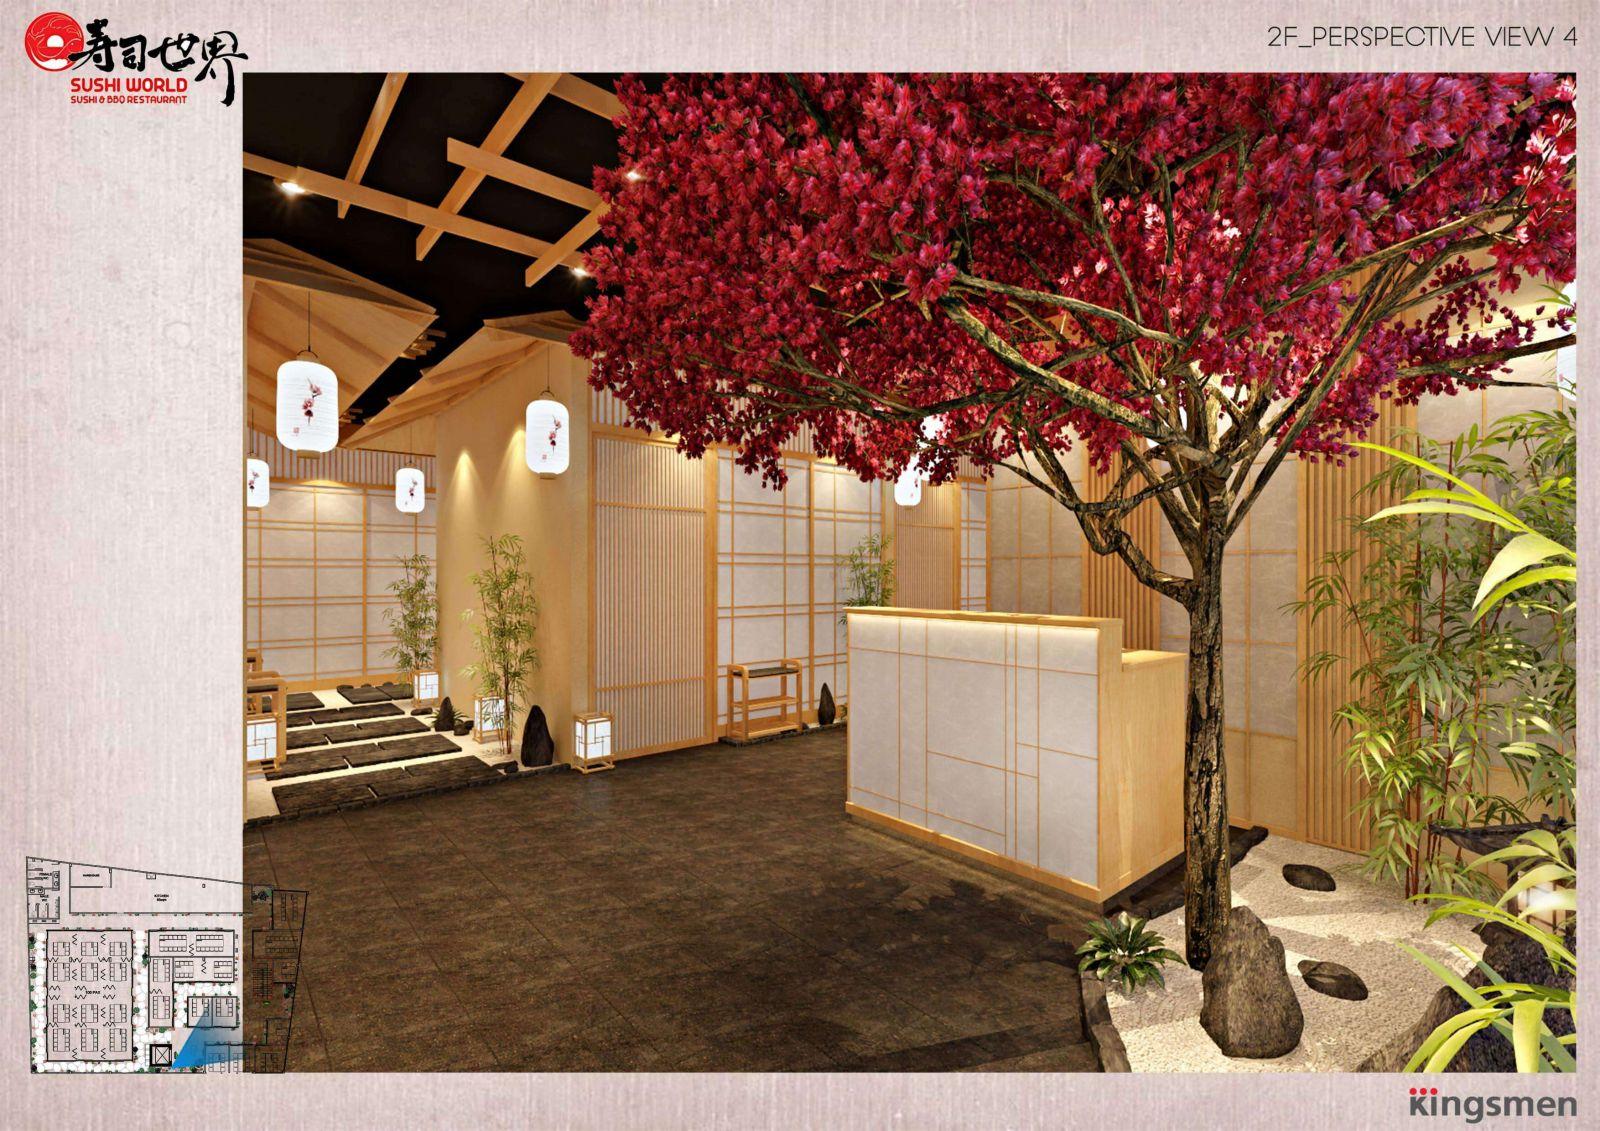 thiết kế khu vực quầy phục vụ tại nhà hàng sushi world